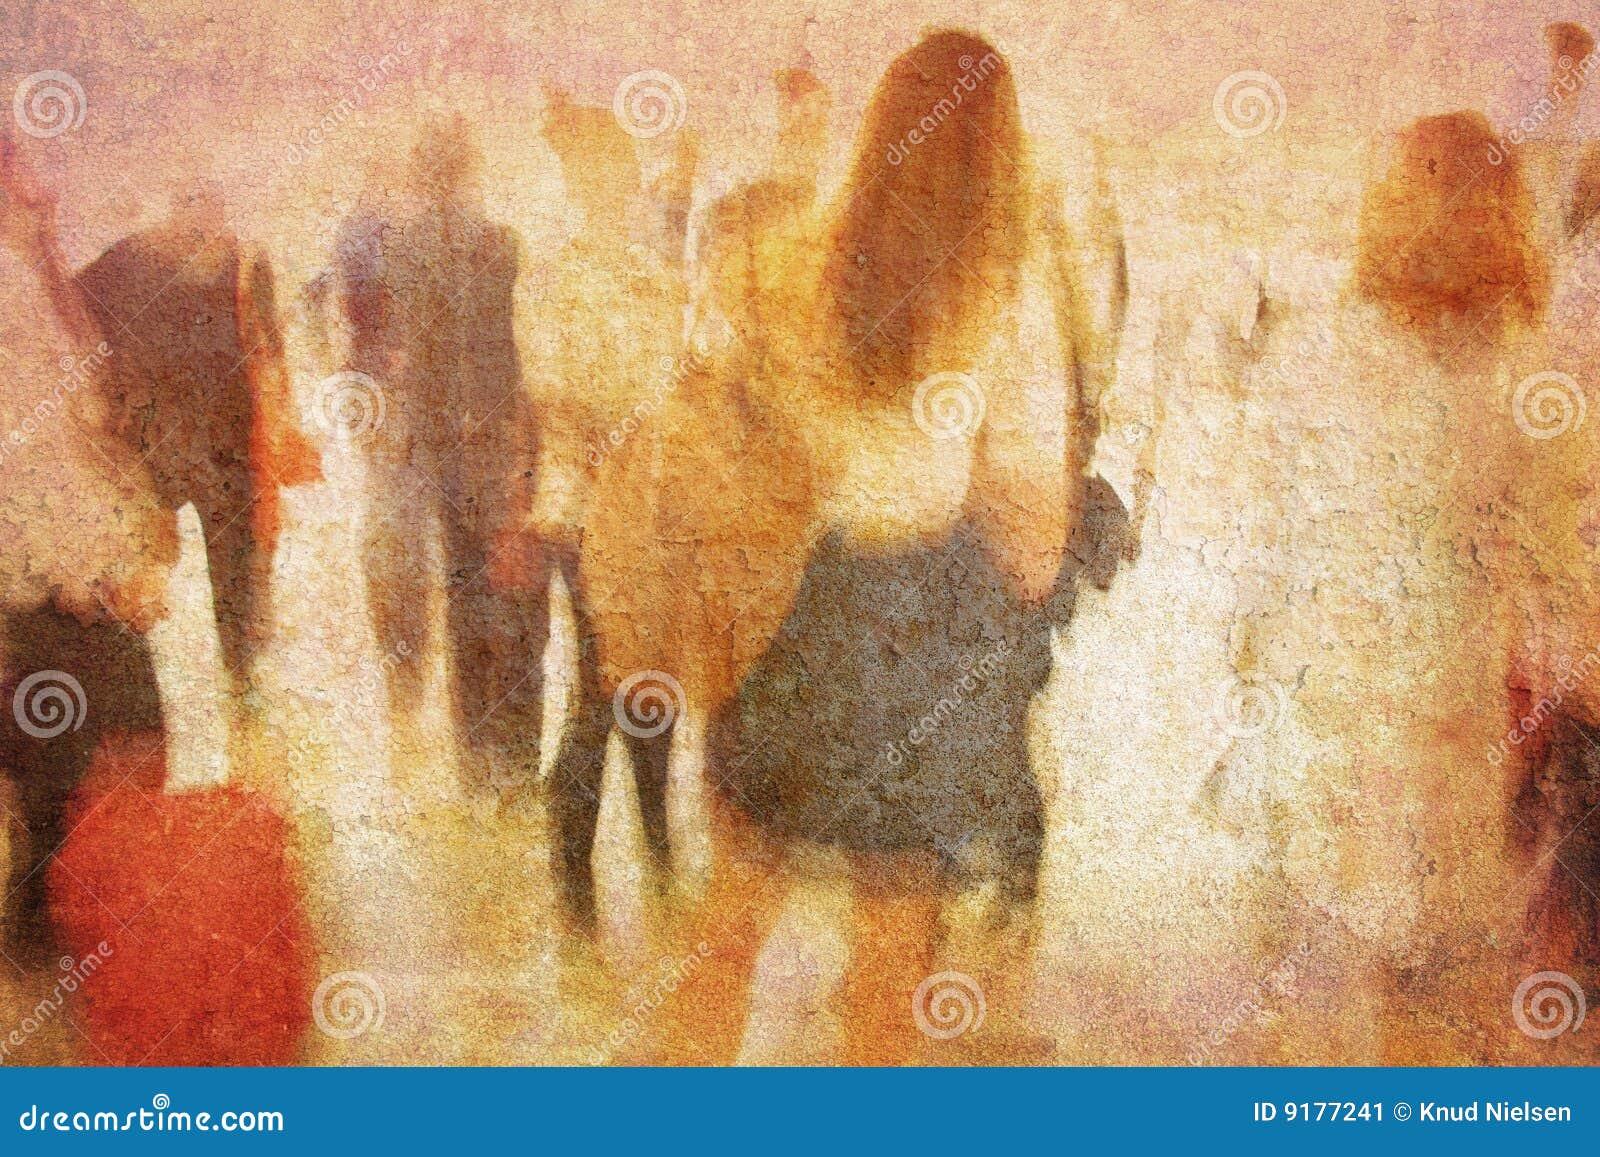 Sogno di una ragazza immagine stock immagine 9177241 - Colorazione immagine di una ragazza ...